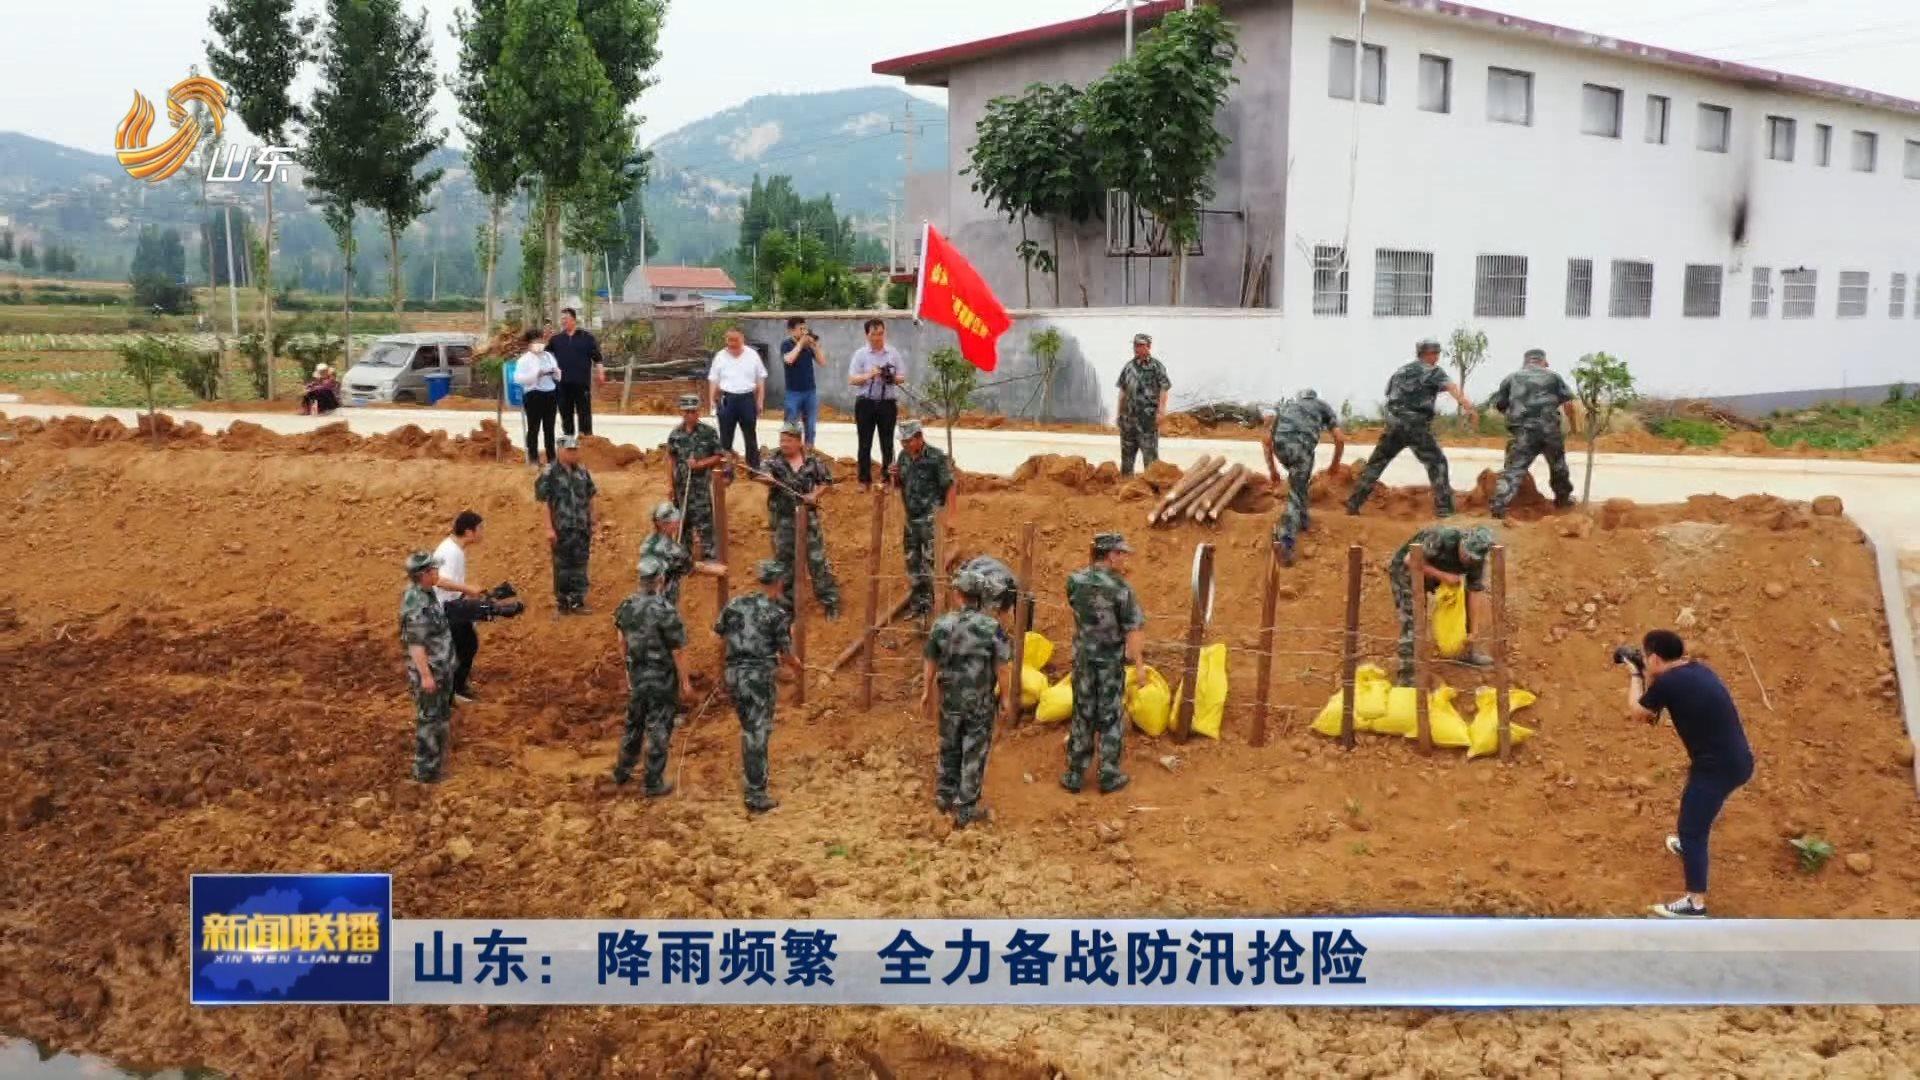 山东:降雨频繁  全力备战防汛抢险